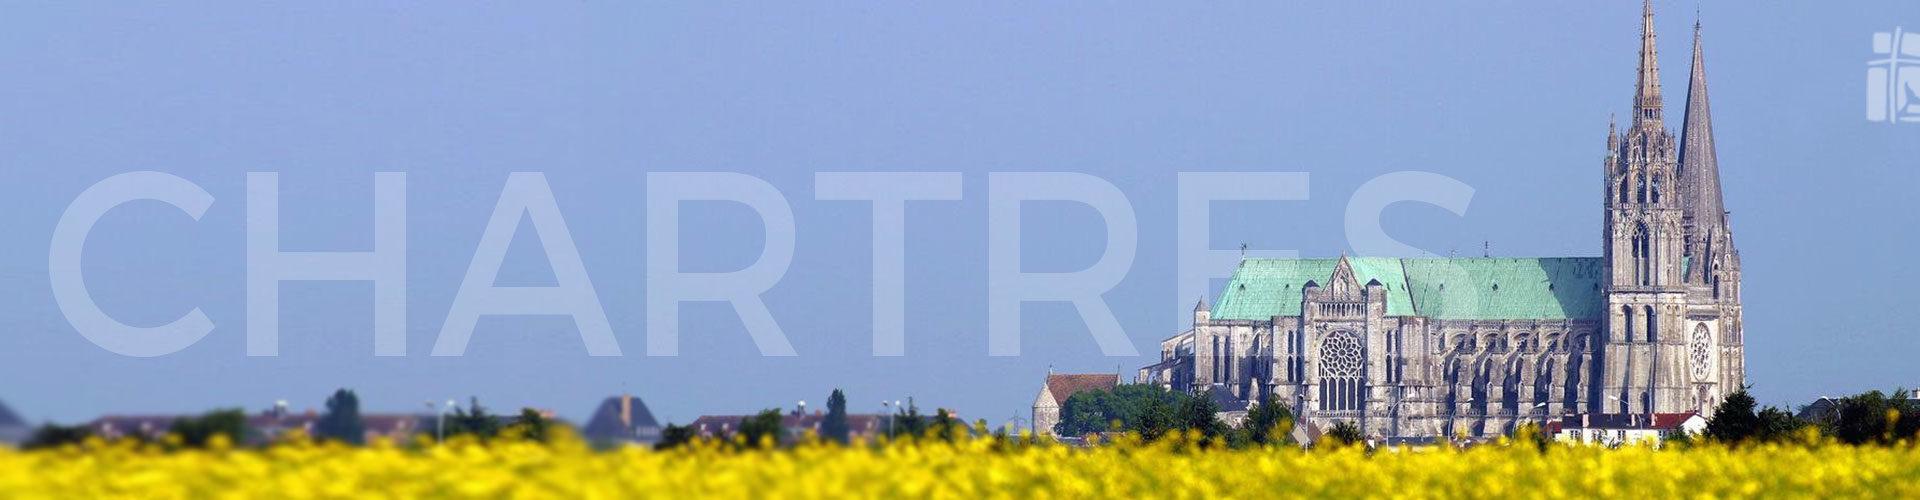 Pèlerinage paroissial le 3 octobre 2021 à Chartres